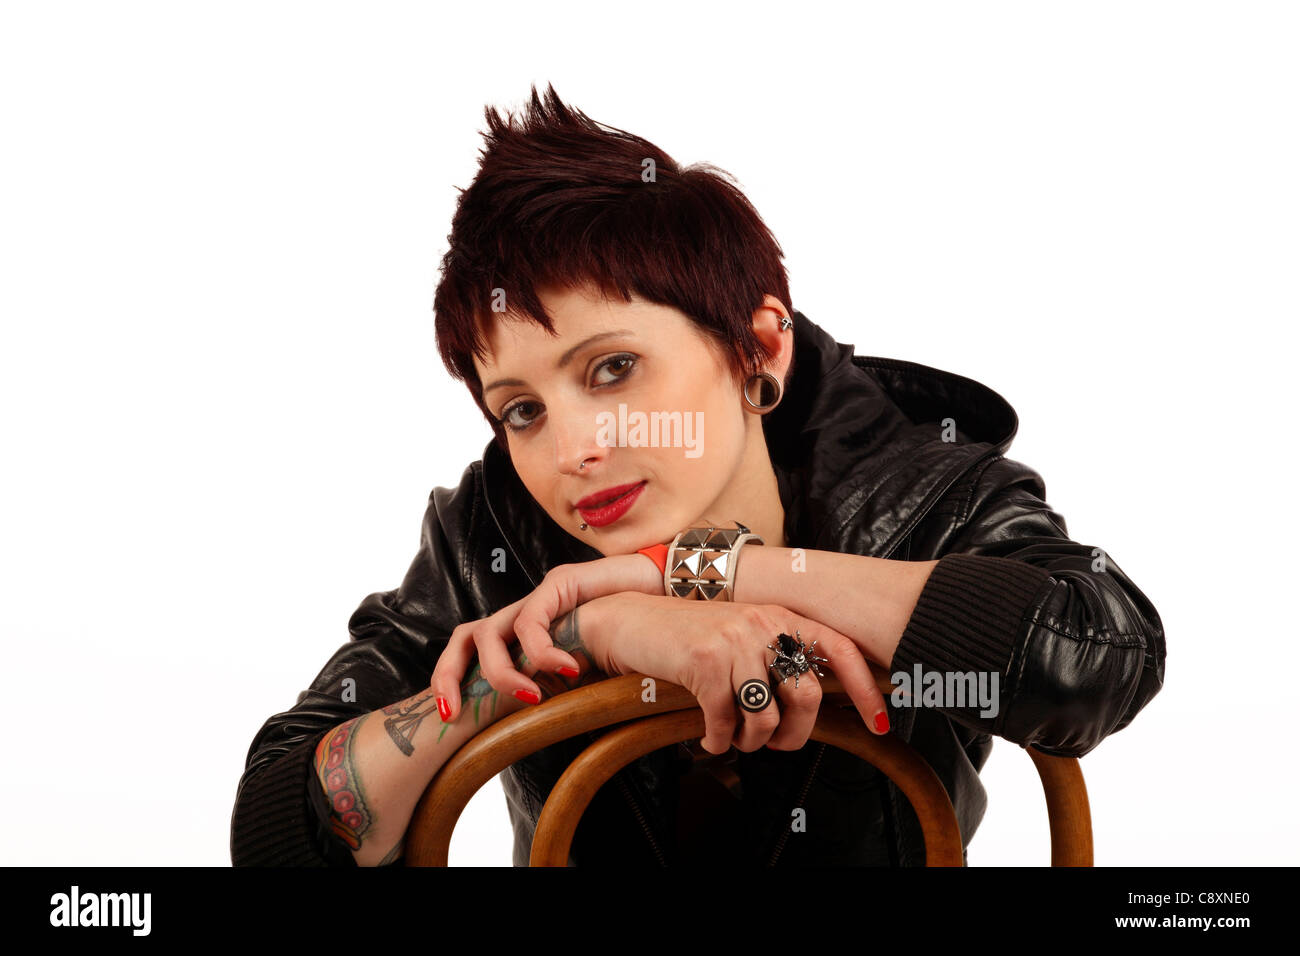 Junge Frau Mit Tattoos Piercings Und Kurze Dunkle Haare